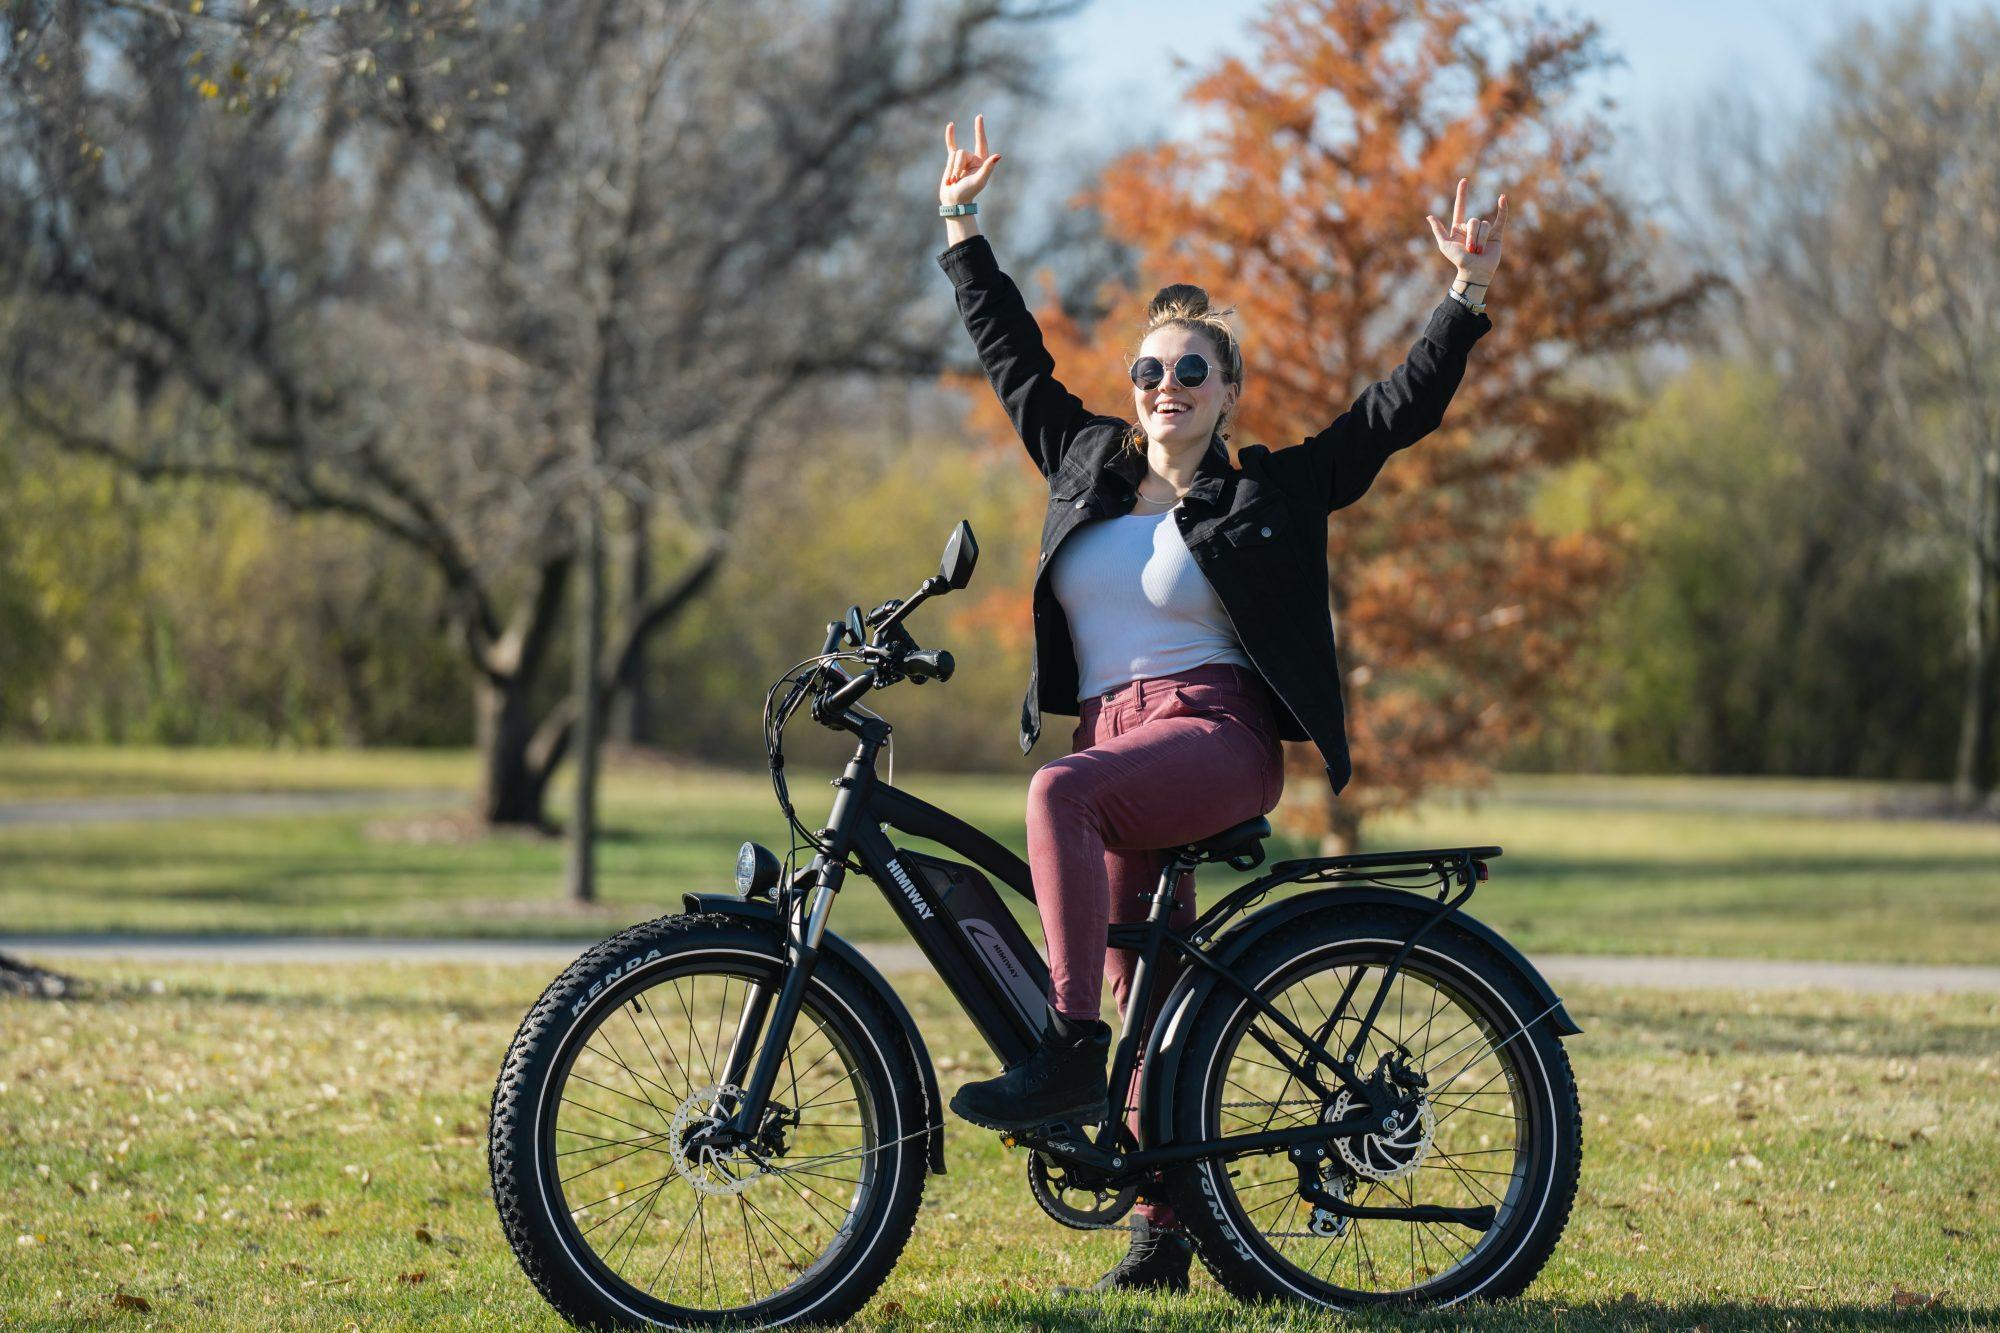 Si vous roulez moins de 700 km avec votre vélo, vous êtes un gros pollueur